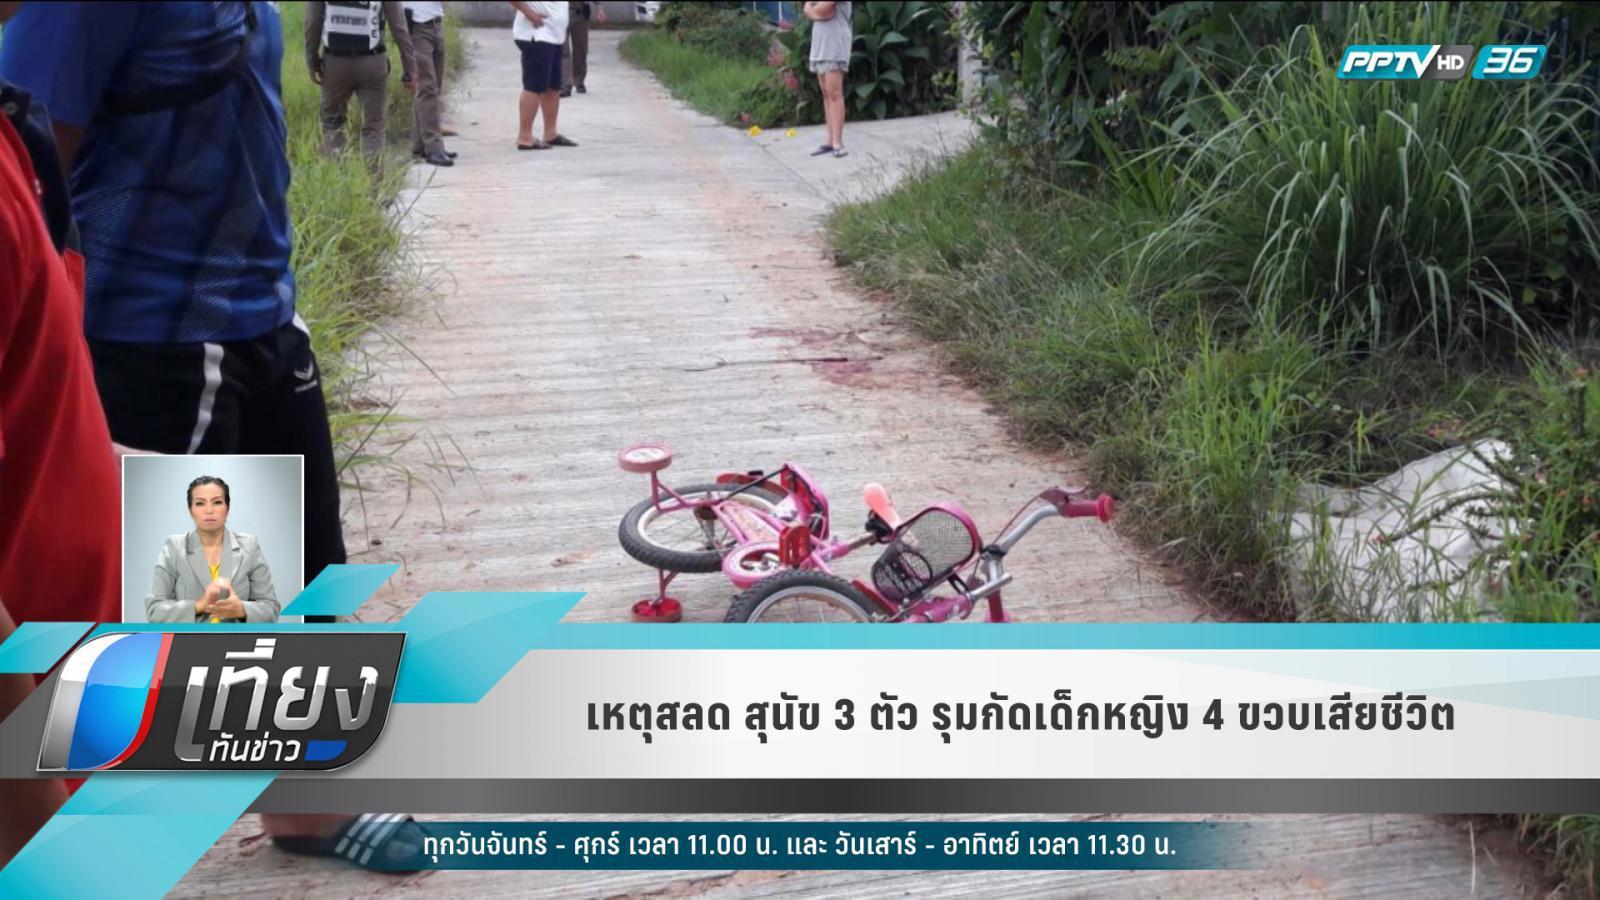 สลด! สุนัขเพื่อนบ้าน 3 ตัว รุมกัดเด็กหญิง 4 ขวบ เสียชีวิตก่อนถึง รพ.